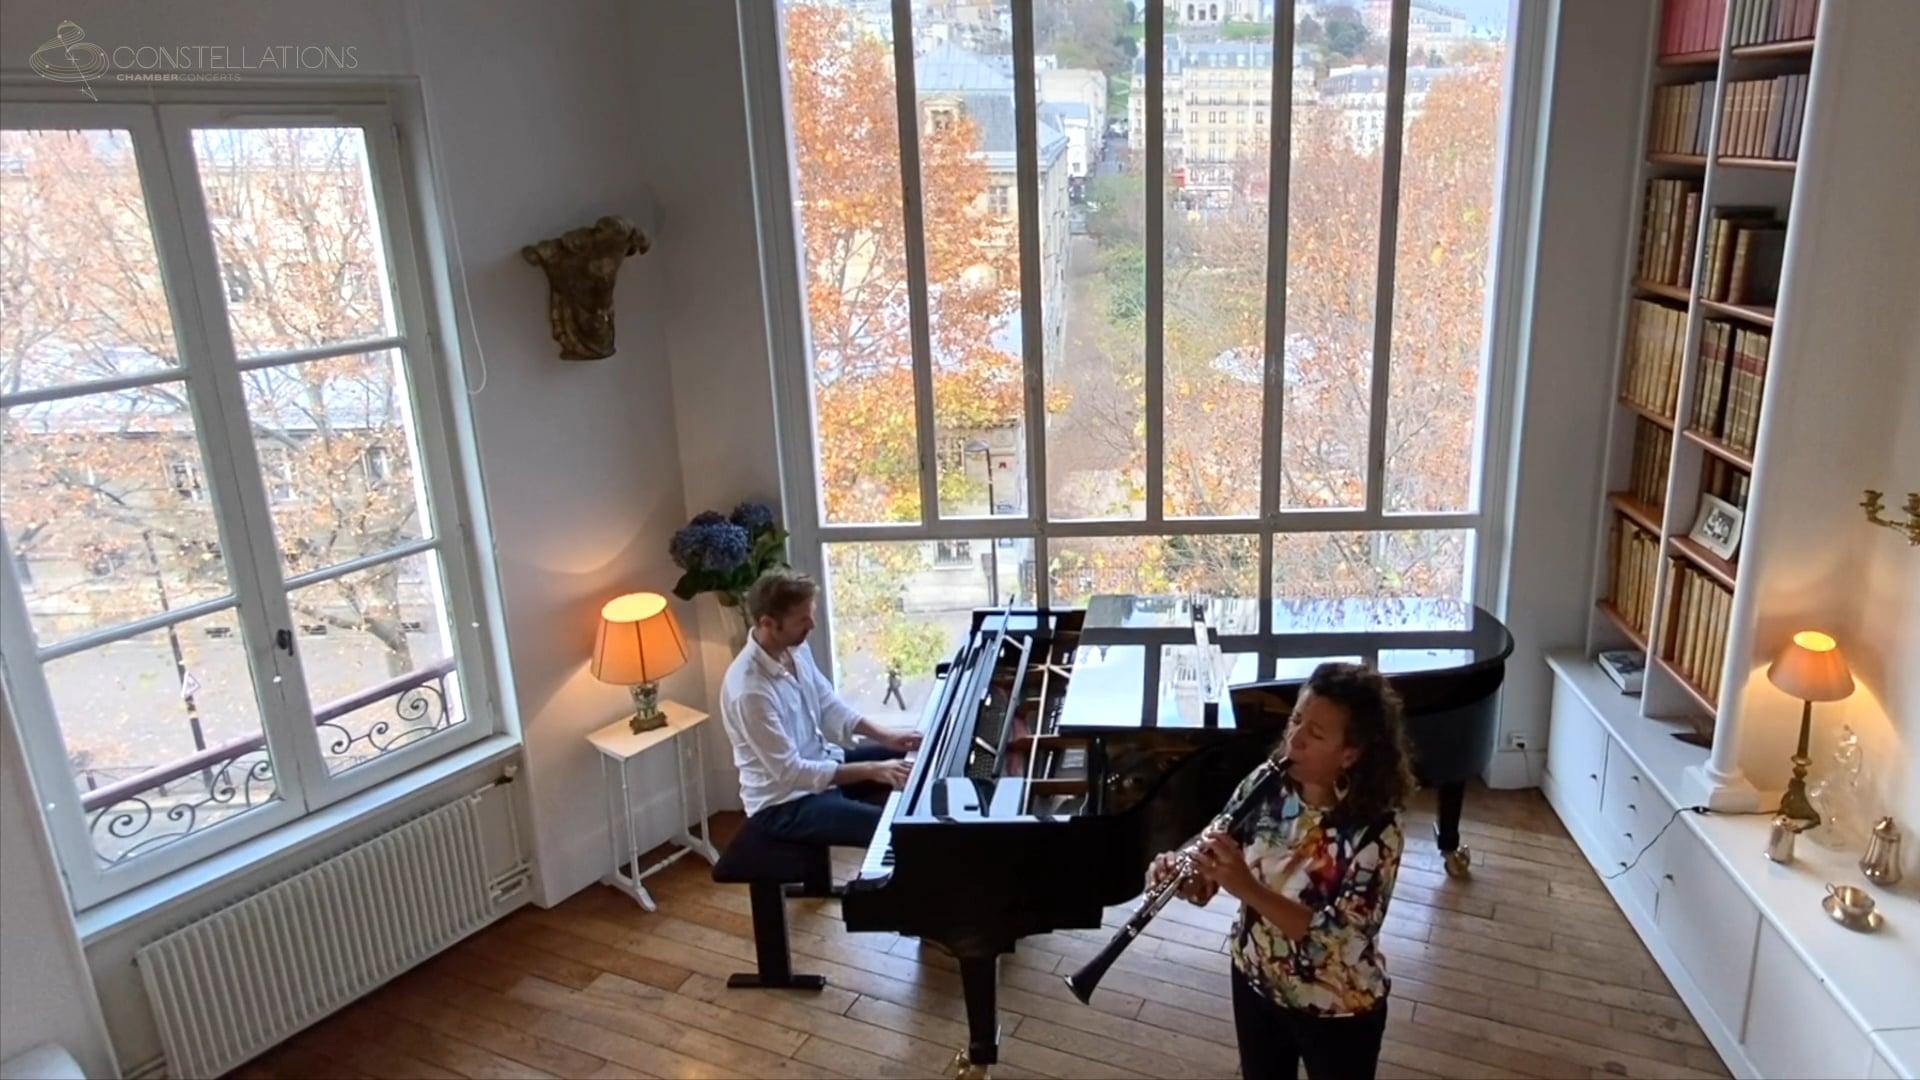 Mariam Adam & Andrew von Oeyen - Brahms: Clarinet Sonata Op. 120 No. 2, I. Allegro amabile